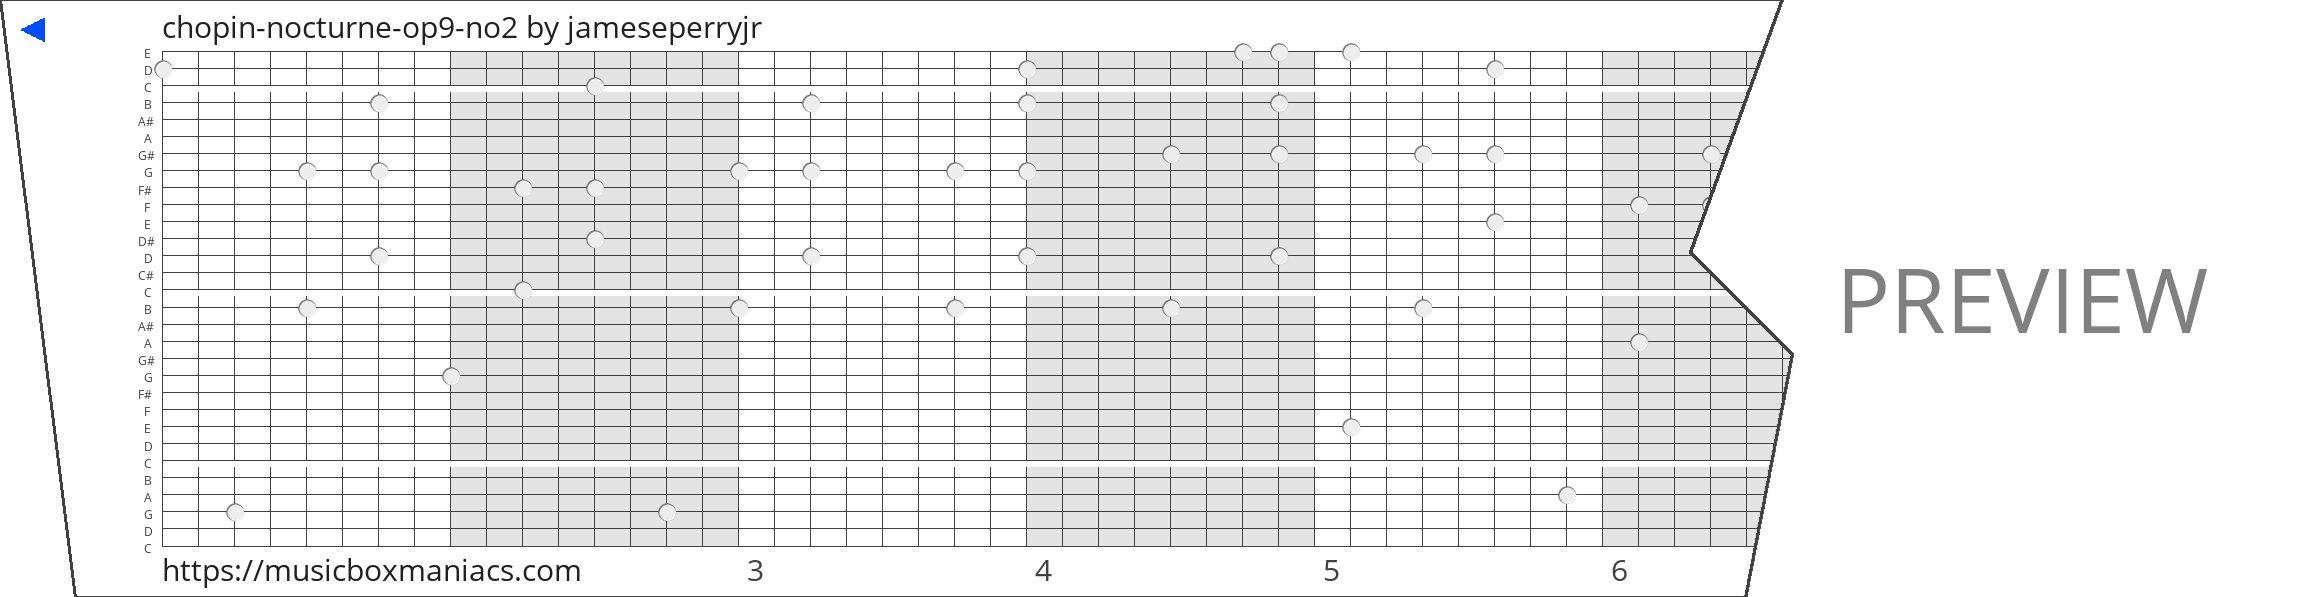 chopin-nocturne-op9-no2 30 note music box paper strip